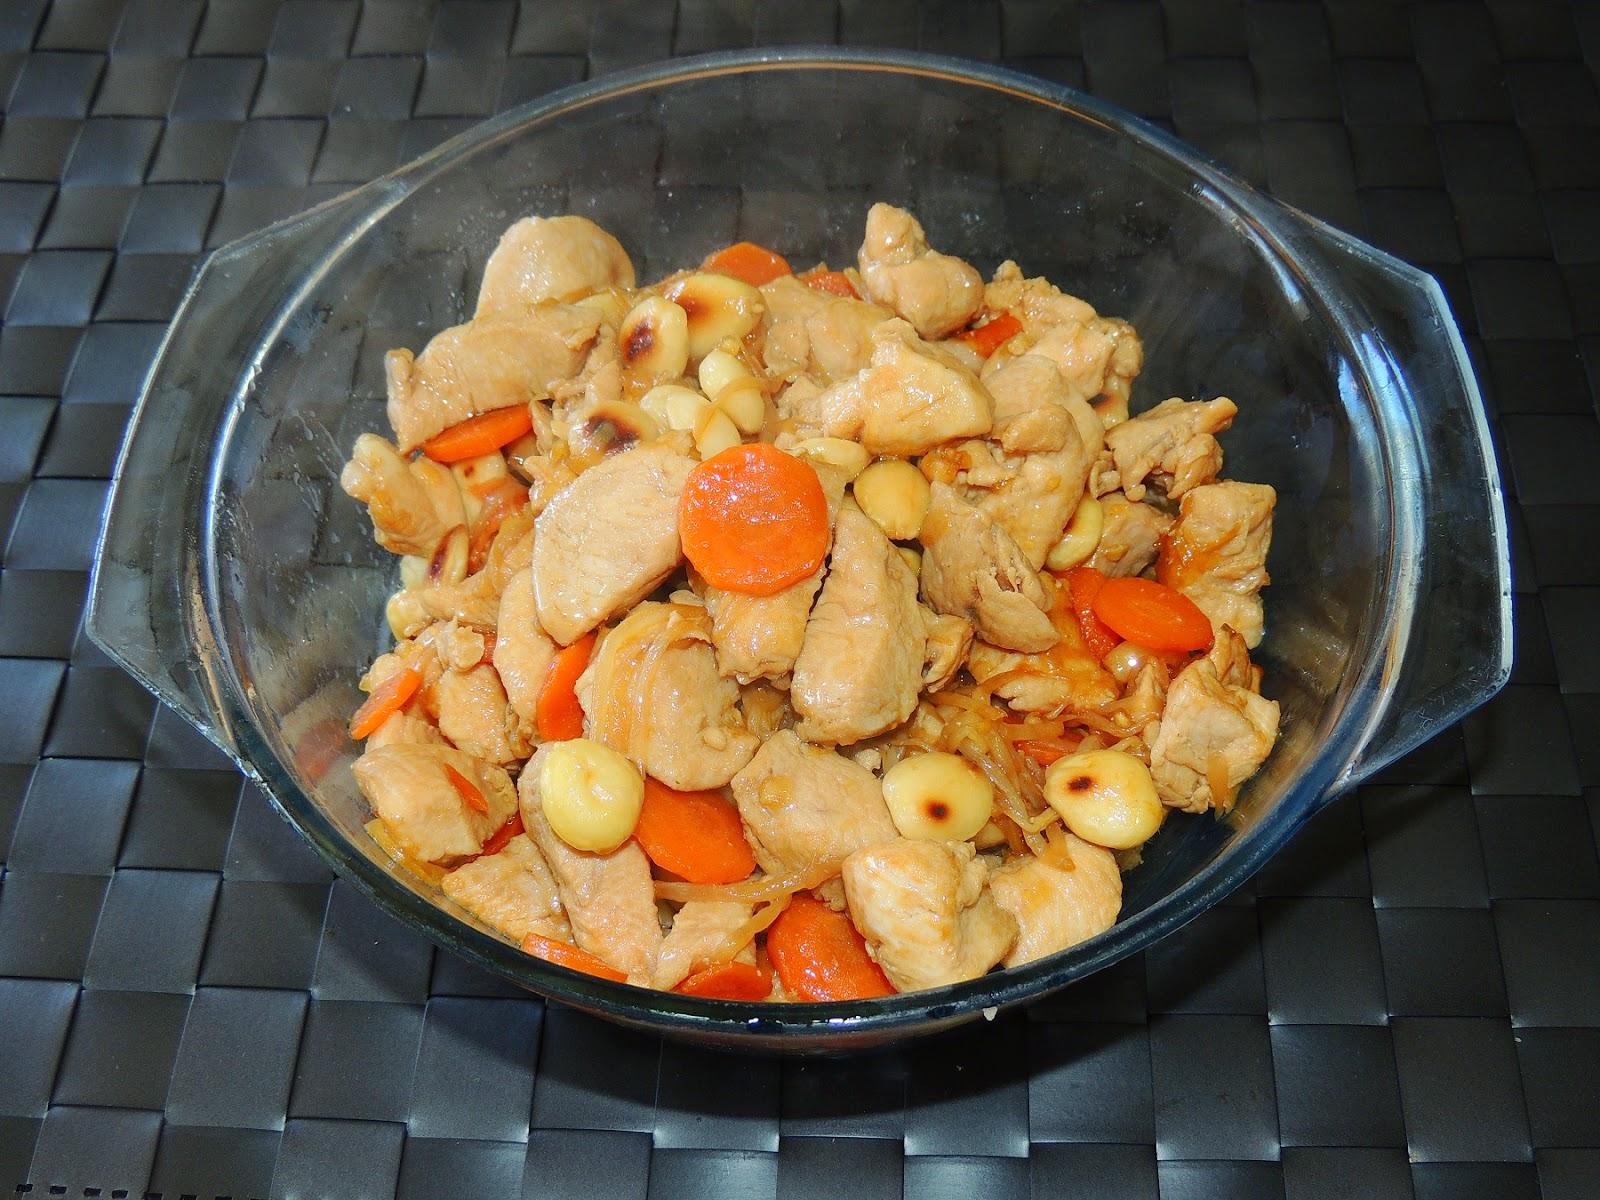 El placer de cocinar 6 men para invitados 8 personas for Que cocinar para invitados